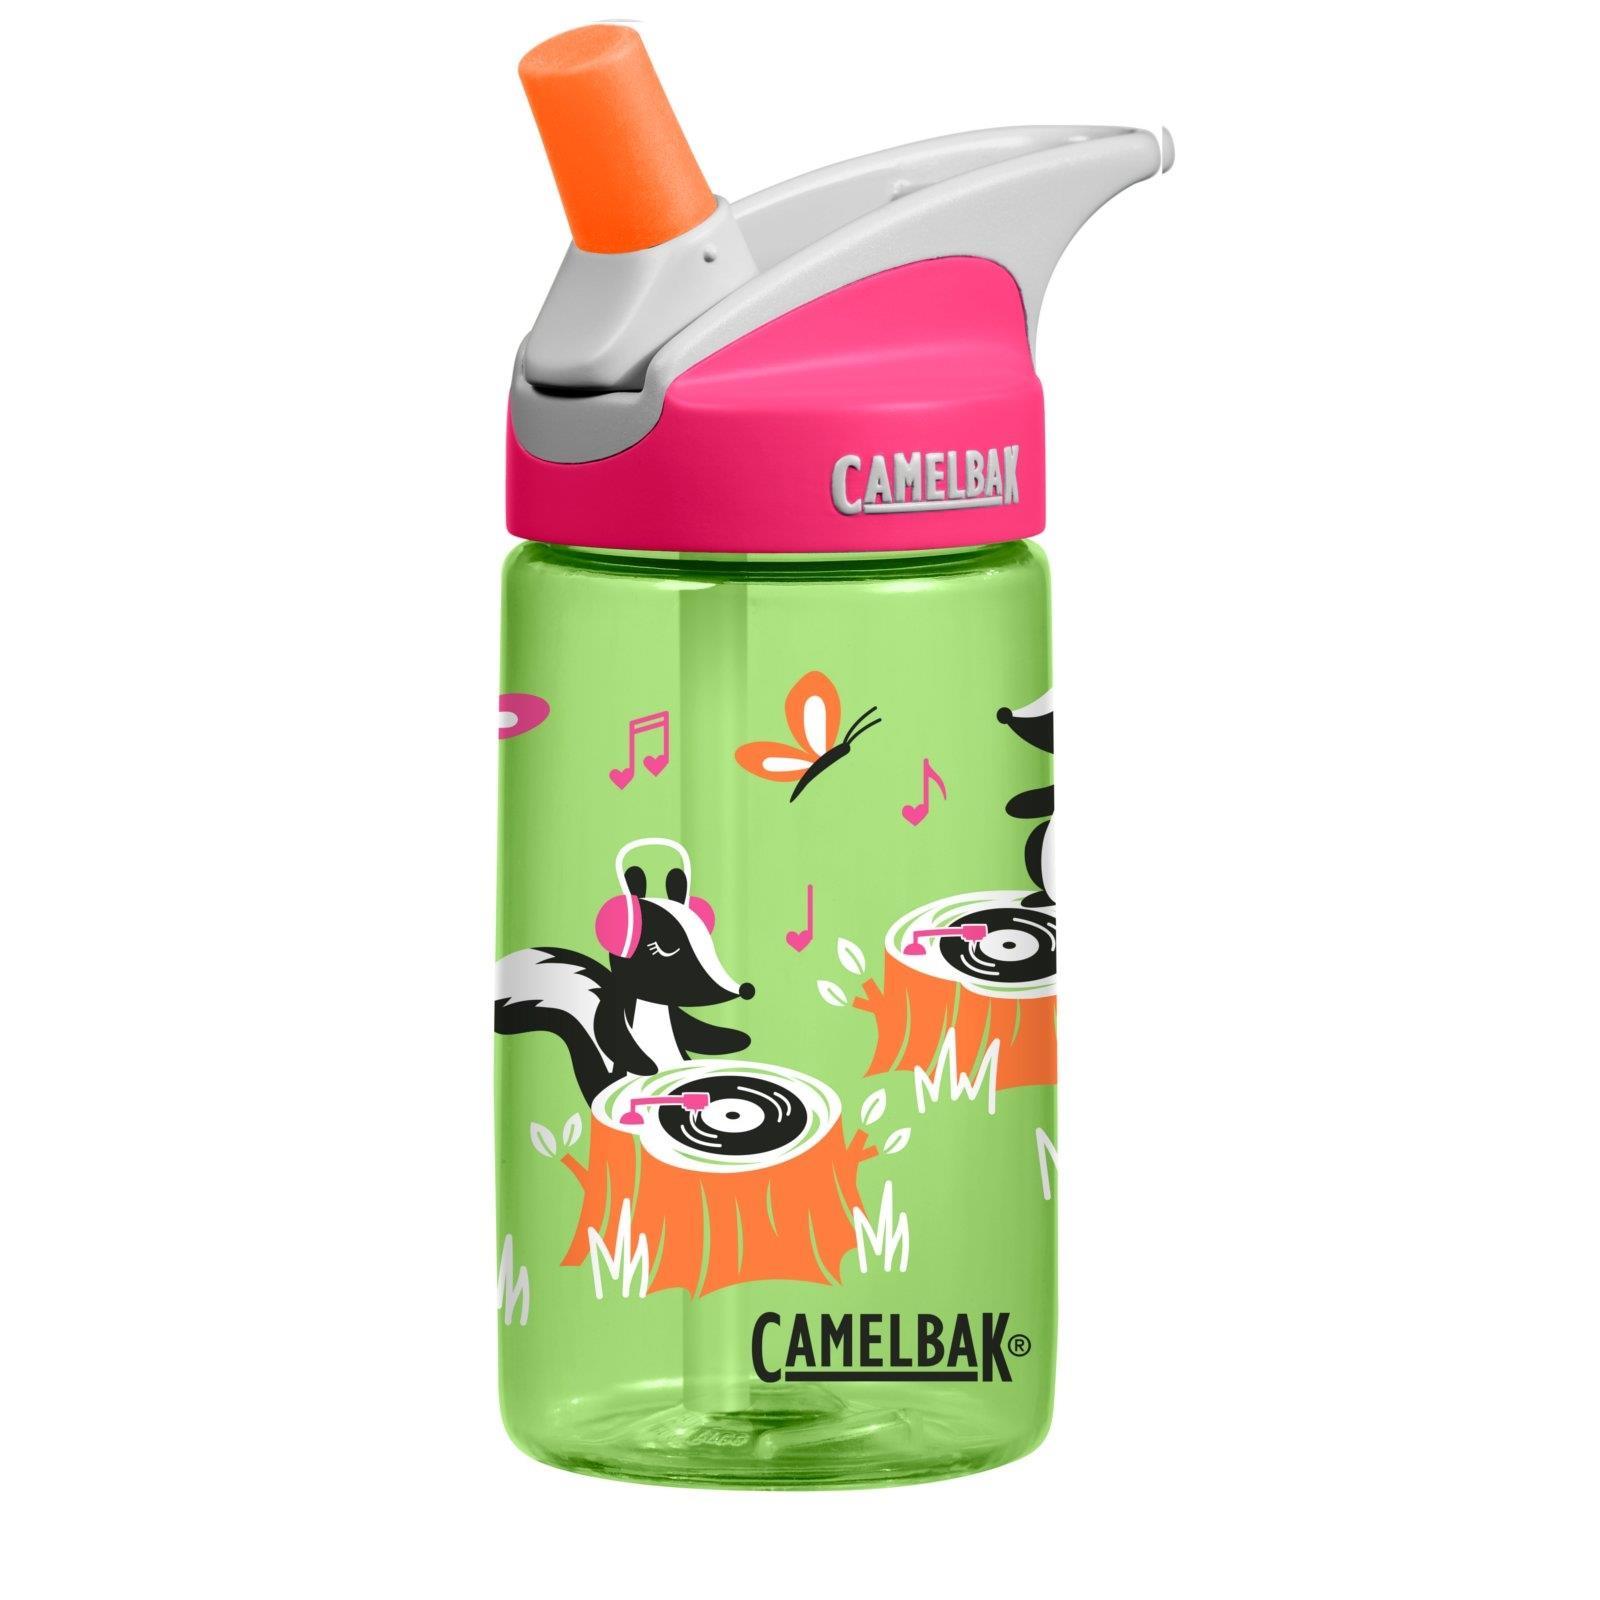 camelbak kinder wasserflasche eddy kids 400ml trinkflasche flasche auslaufsicher ebay. Black Bedroom Furniture Sets. Home Design Ideas